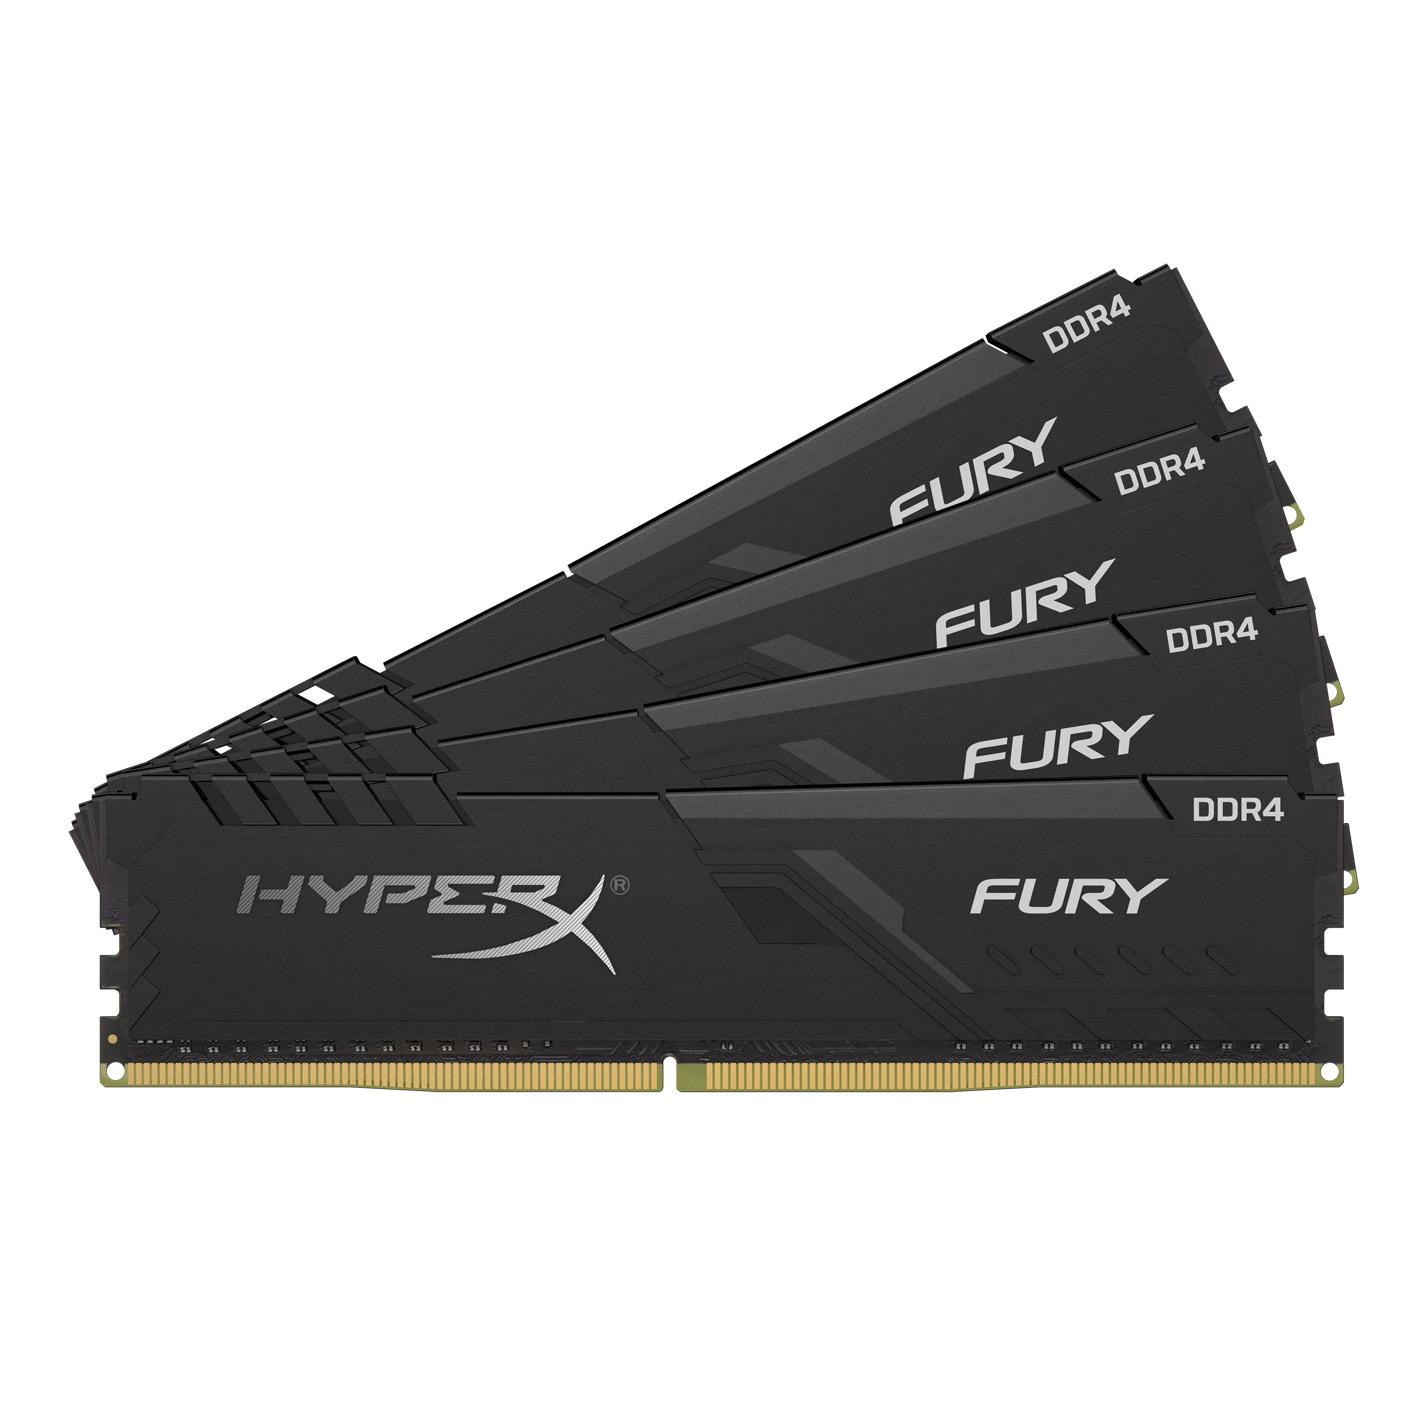 HyperX FURY HX426C16FB3K4/16 memory module 16 GB DDR4 2666 MHz